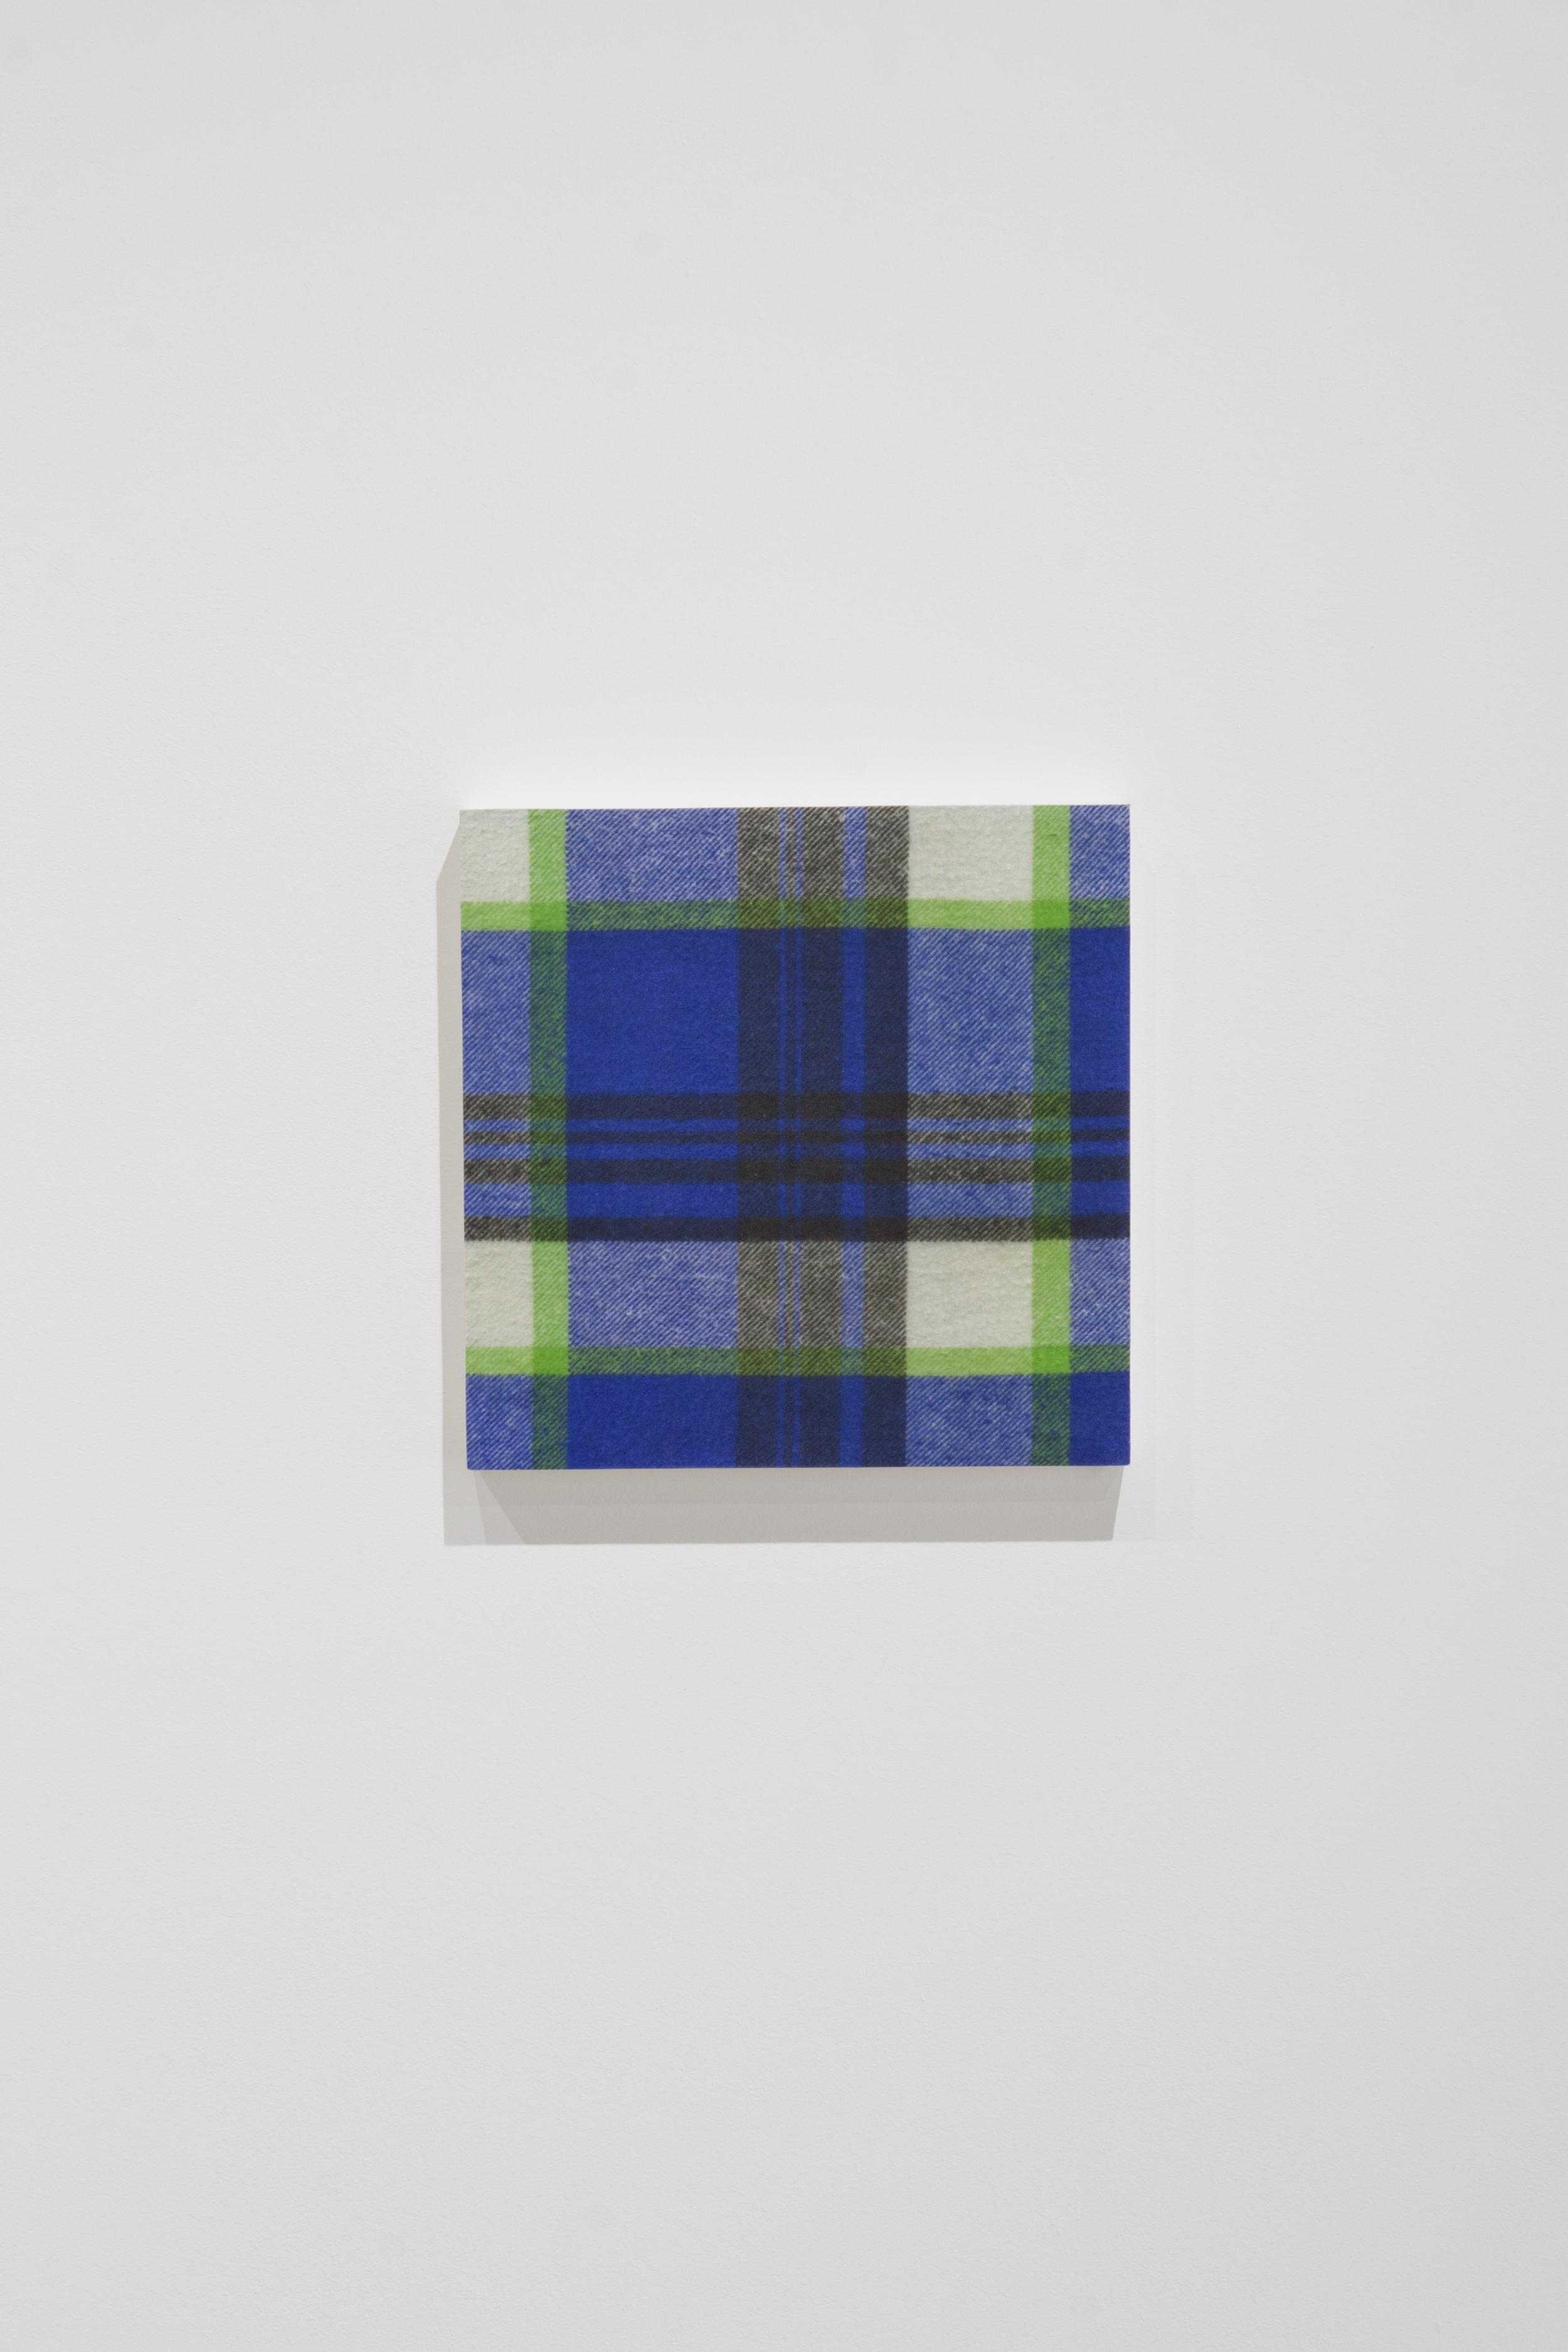 Shirt (Blue Flannel),  2015,gel medium transfer on panel,25.5 x 25.5 cm (10 x 10 in)